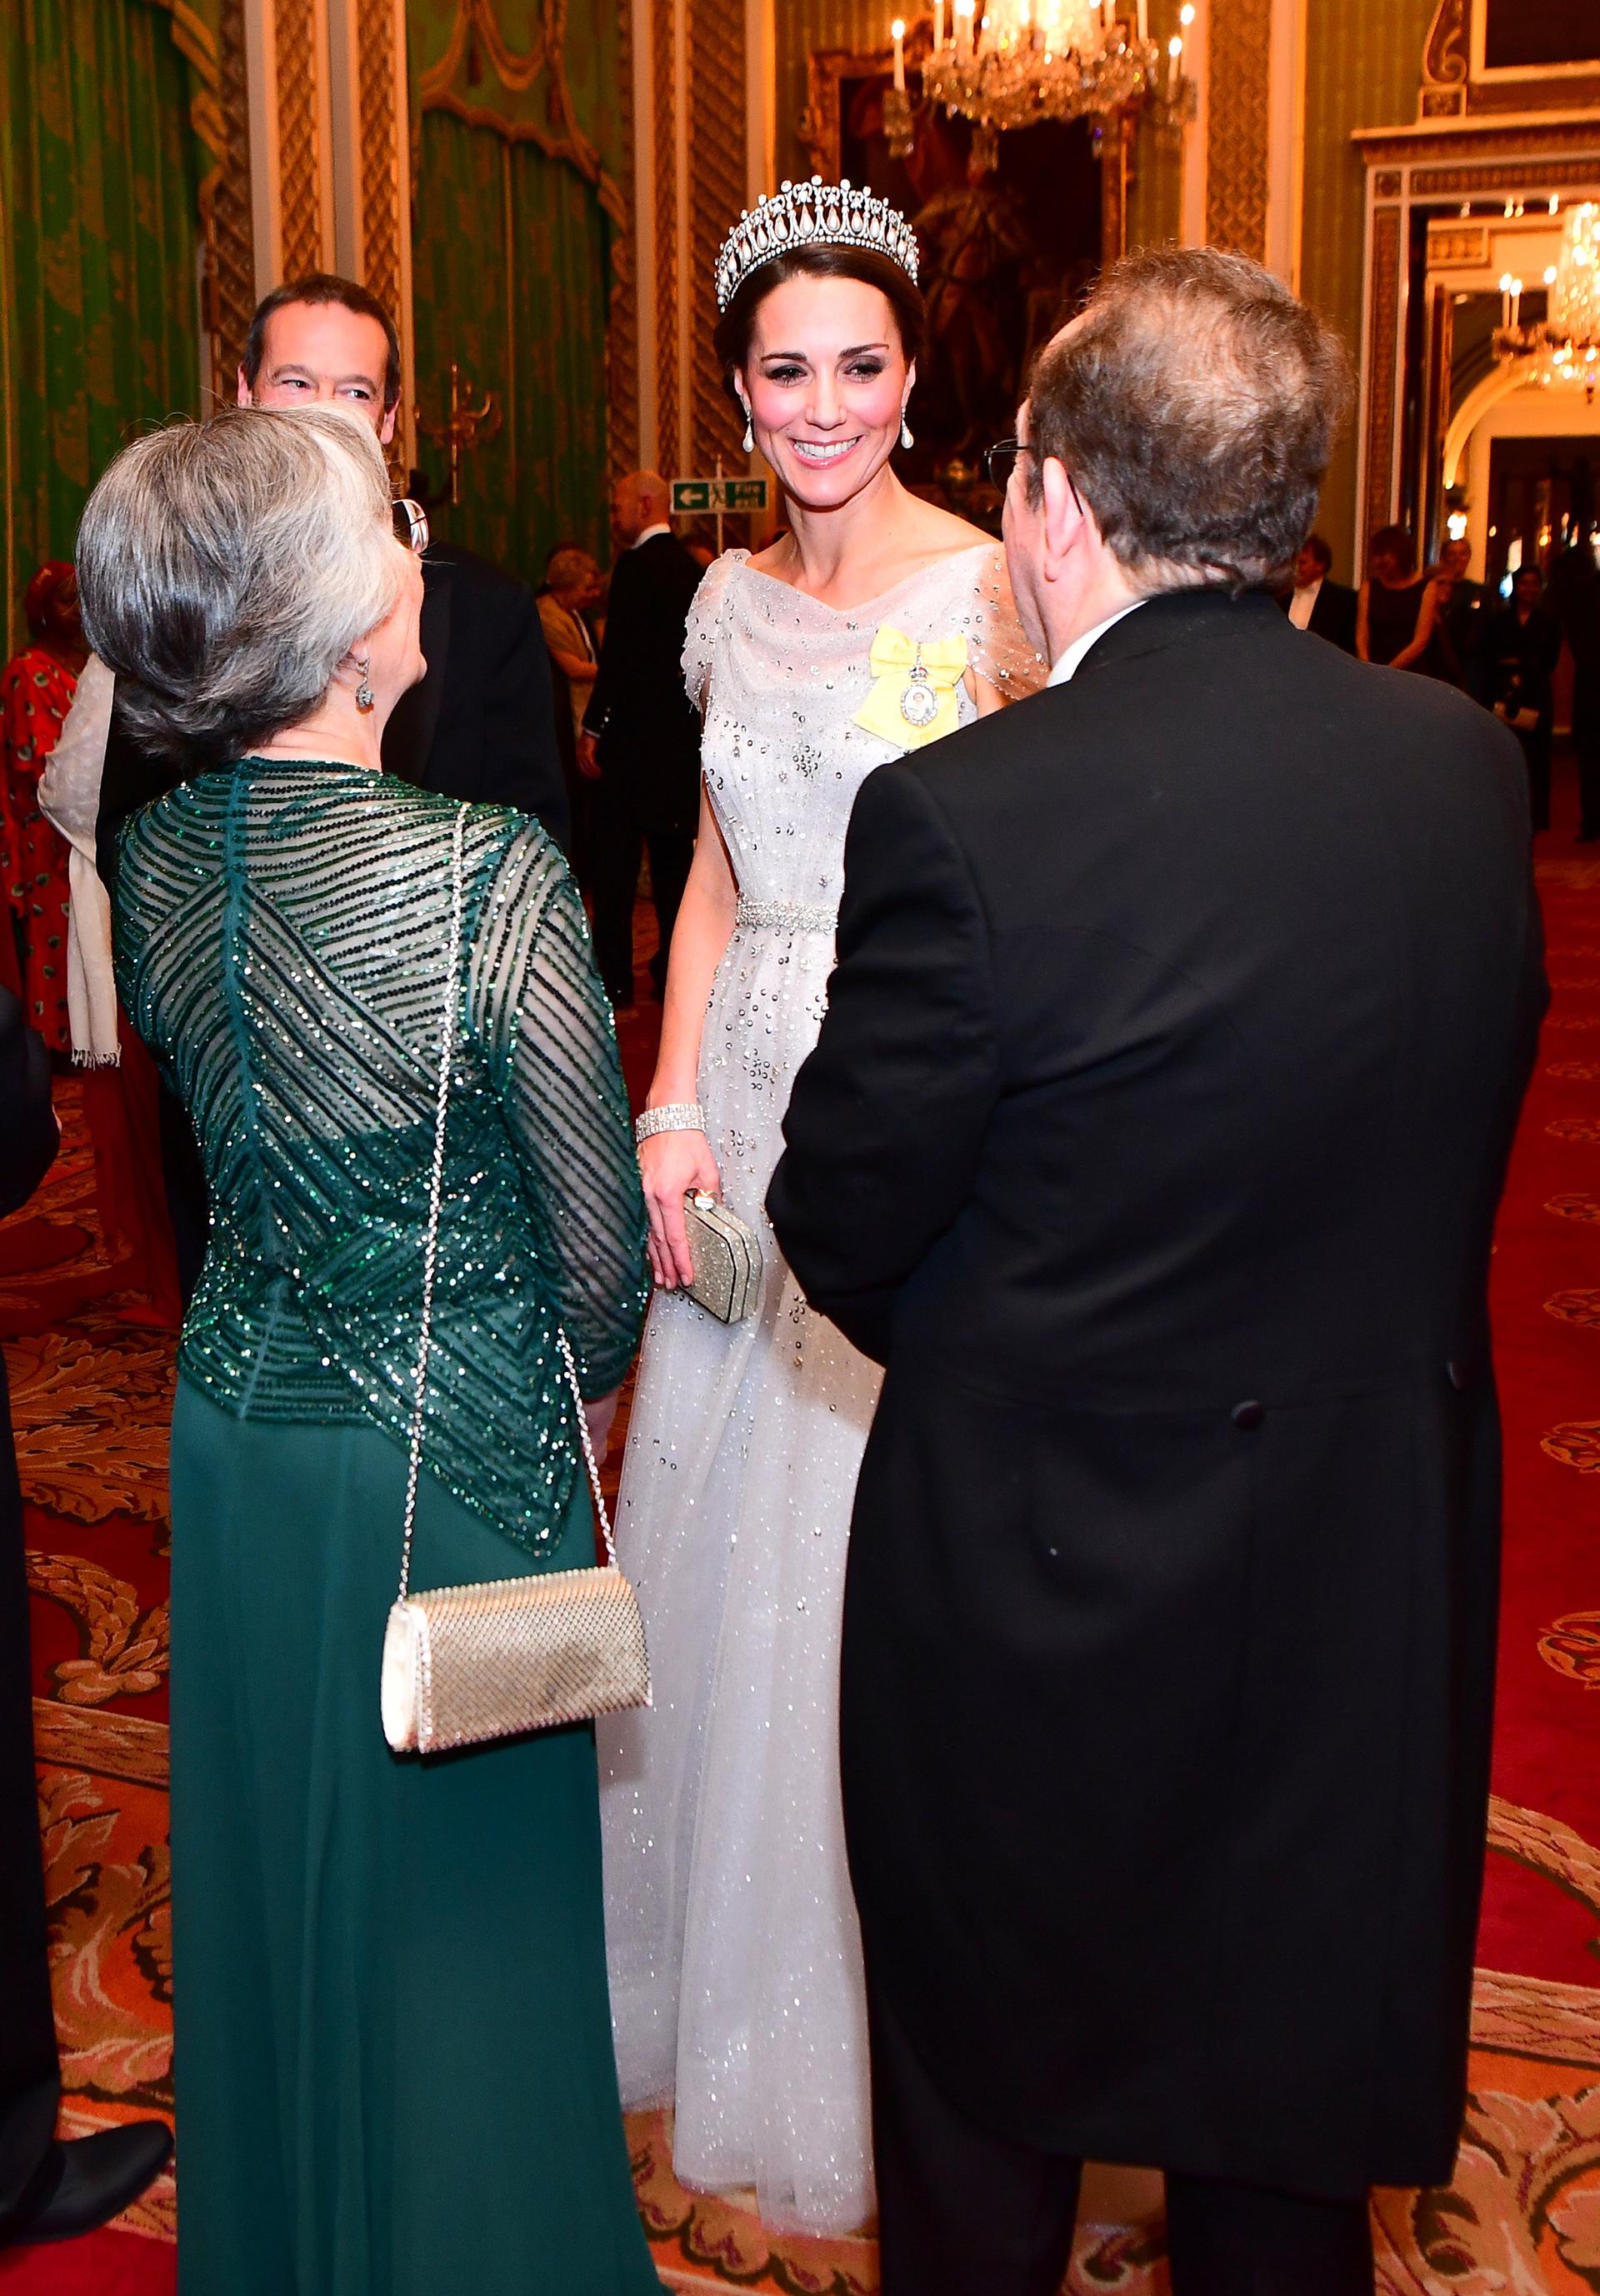 Catalina lució su esbelta figura con un impactante vestido color hielo, con delicados brillos